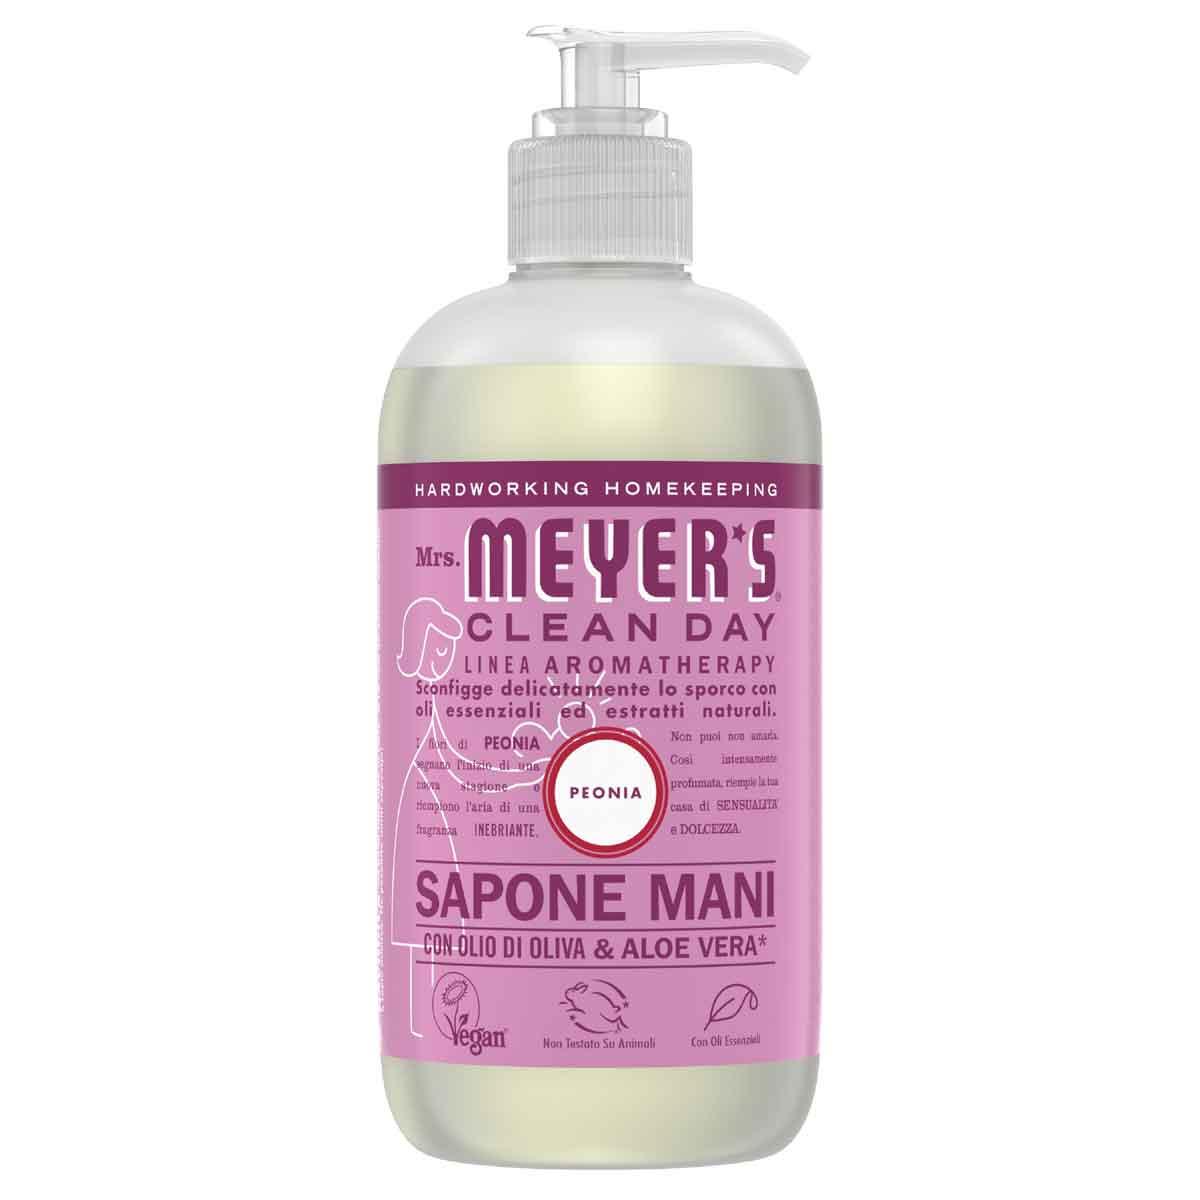 Mrs. Meyer's Sapone liquido per le mani Peonia